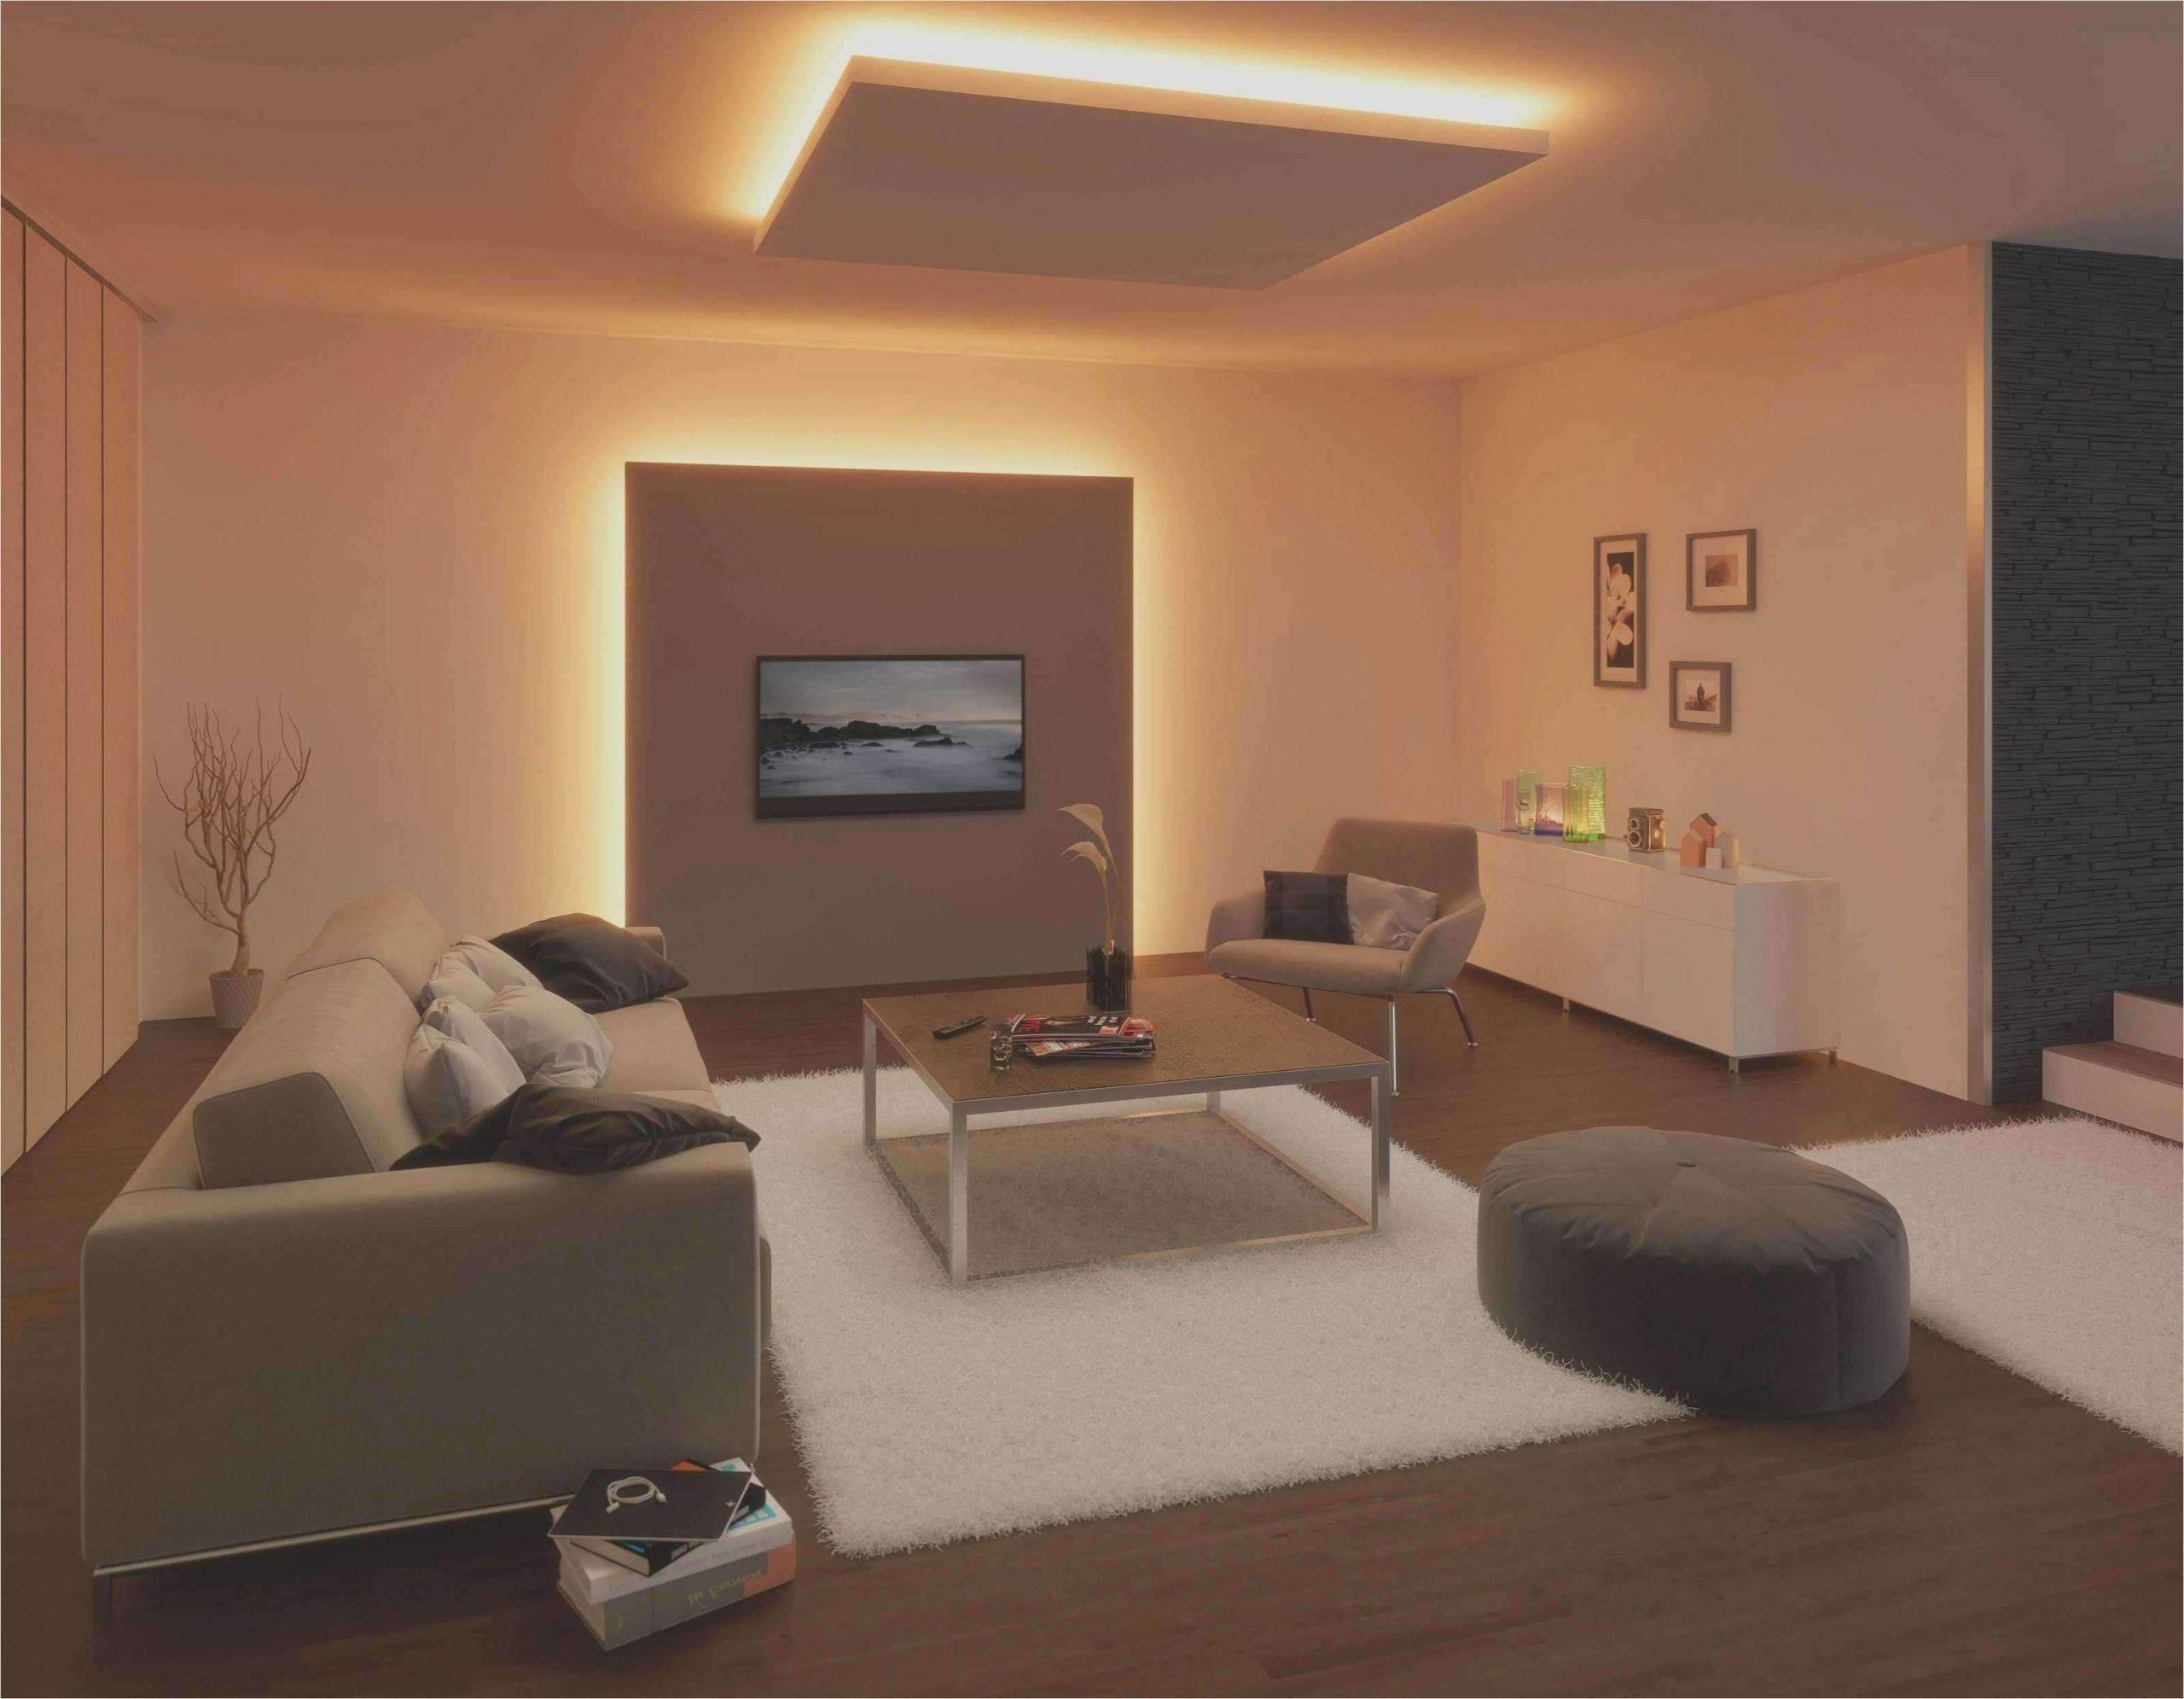 Full Size of Indirekte Beleuchtung Wohnzimmer Decke Led Indirekte Beleuchtung Fürs Wohnzimmer Beispiele Indirekte Beleuchtung Wohnzimmer Ideen Für Indirekte Beleuchtung Im Wohnzimmer Wohnzimmer Indirekte Beleuchtung Wohnzimmer